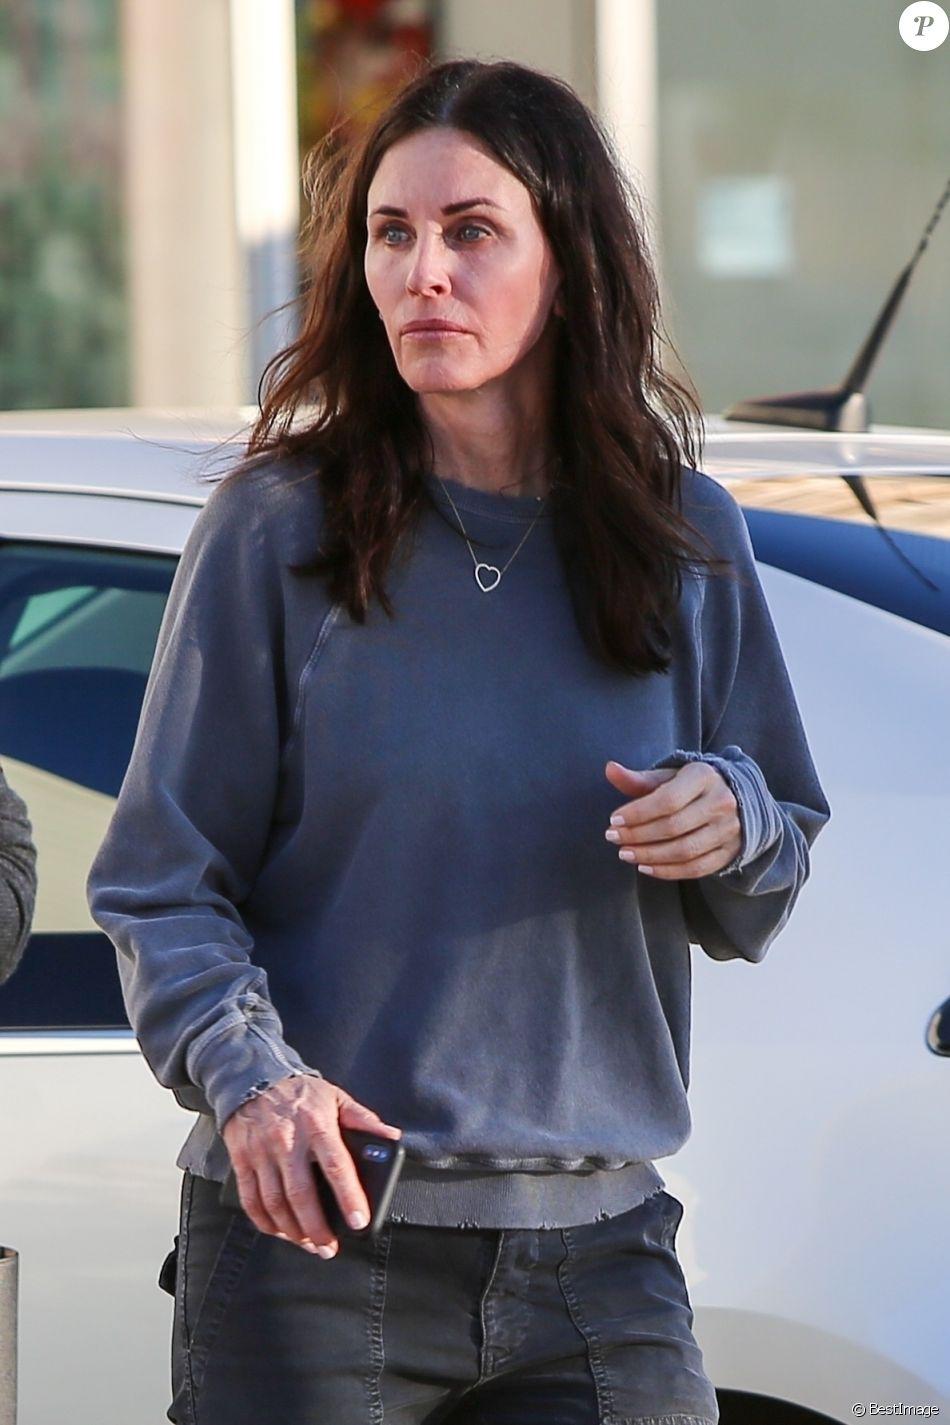 Exclusif - Courteney Cox fait du shopping avec une amie à Malibu le 25 janvier 2019.